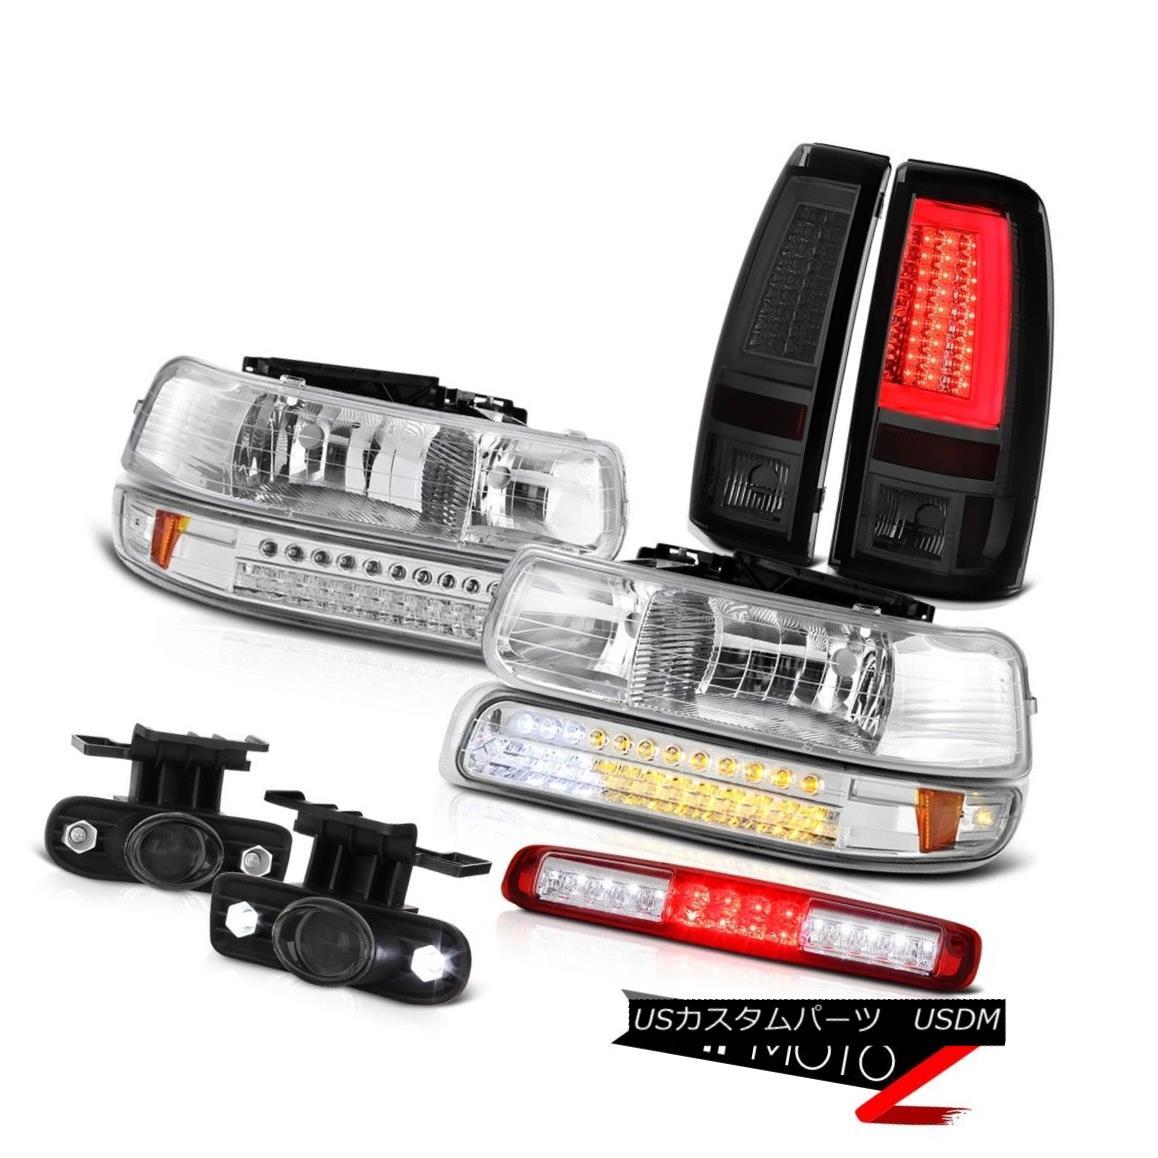 テールライト 1999-2002 Silverado LTZ Taillights Headlamps Parking Lamp Roof Cargo Foglights 1999-2002 Silverado LTZテールライトヘッドランプパーキングランプ屋根カーゴフォグライト